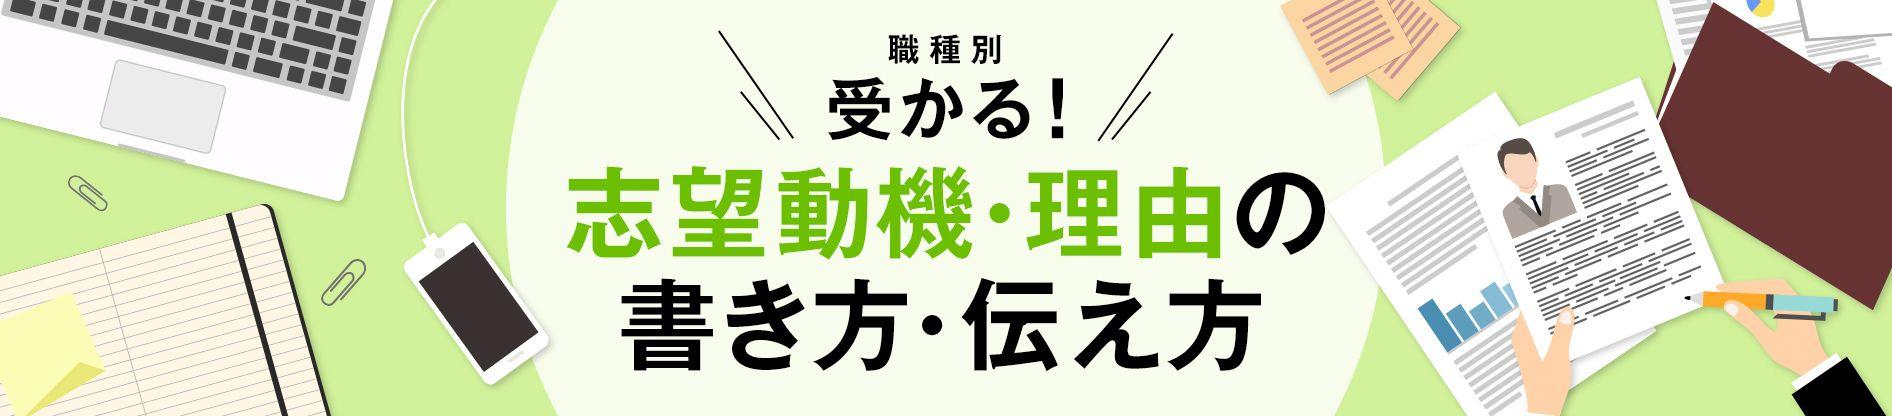 【例文】受かる!志望動機・理由の書き方、伝え方 (履歴書・面接で役立つ)-マイナビ転職